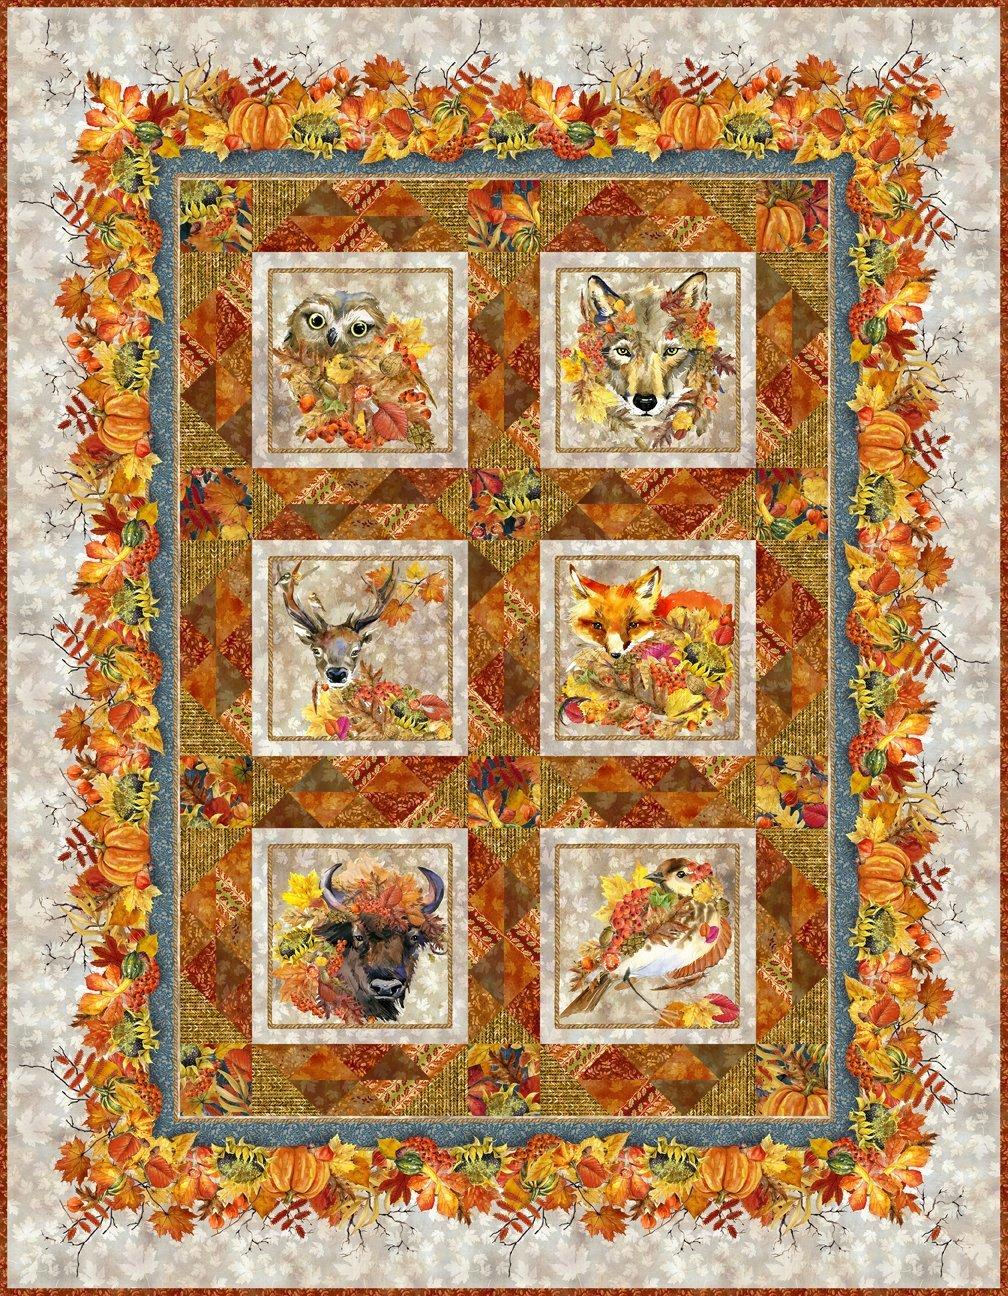 Our Autumn Friends Quilt Kit